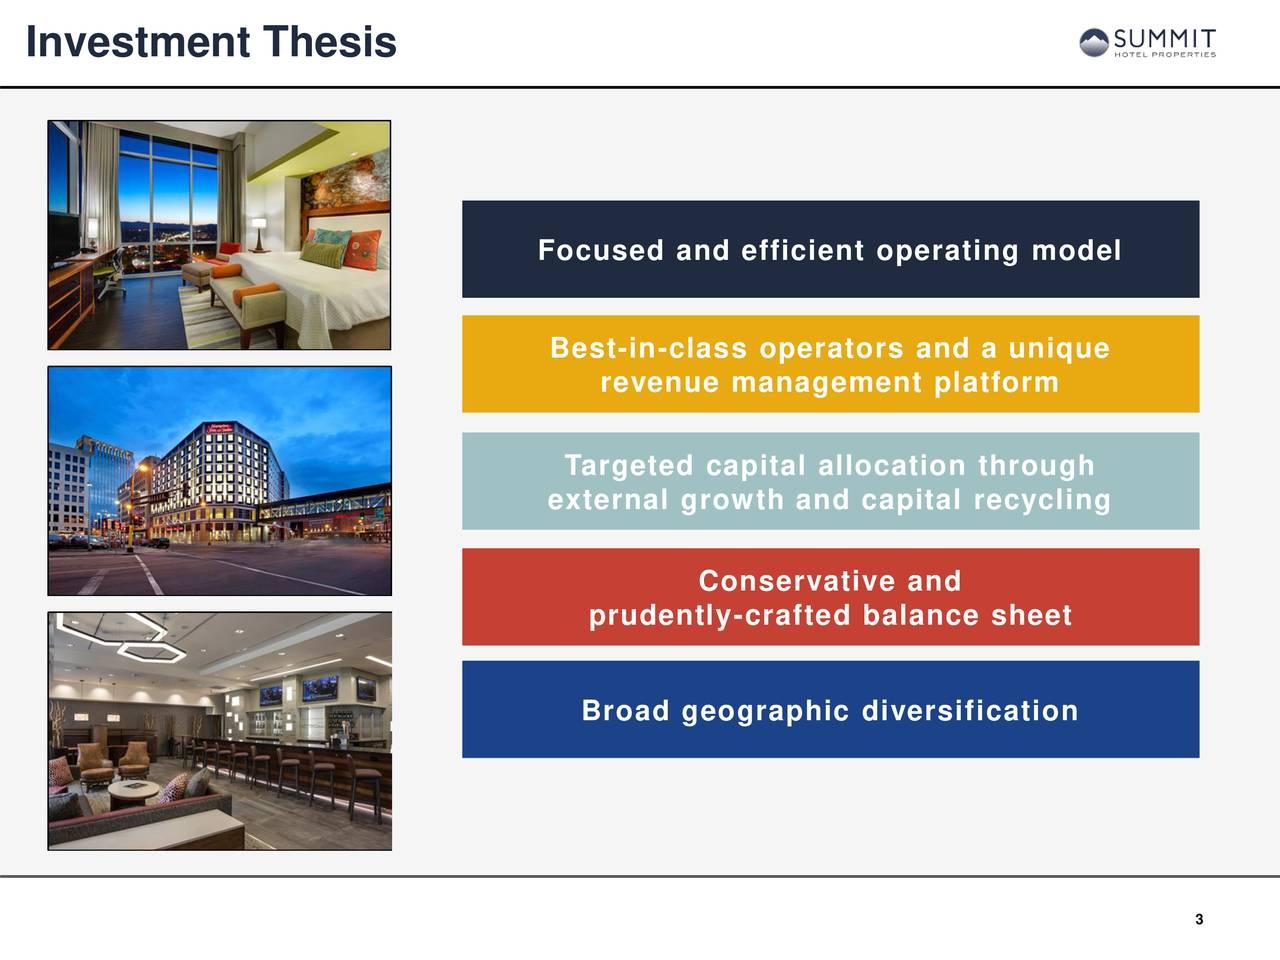 Summit Hotel Properties (INN) Investor Presentation